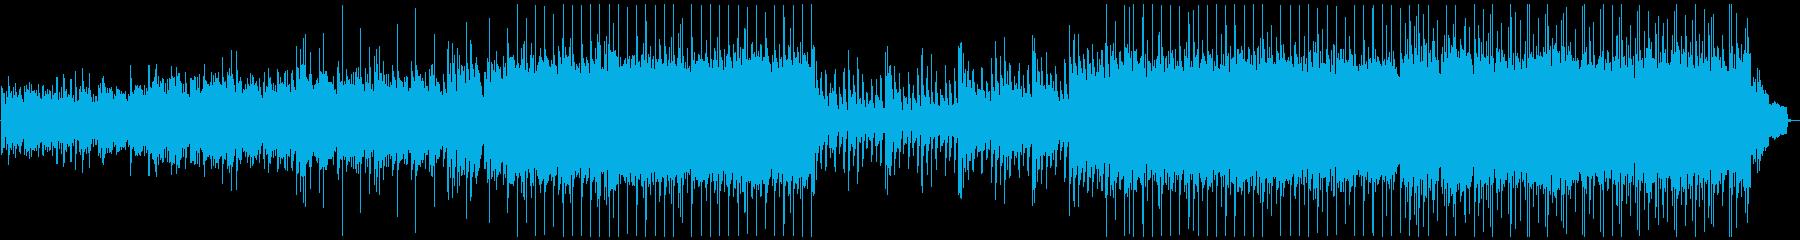 ほのぼのと温かい癒されるピアノジングルの再生済みの波形